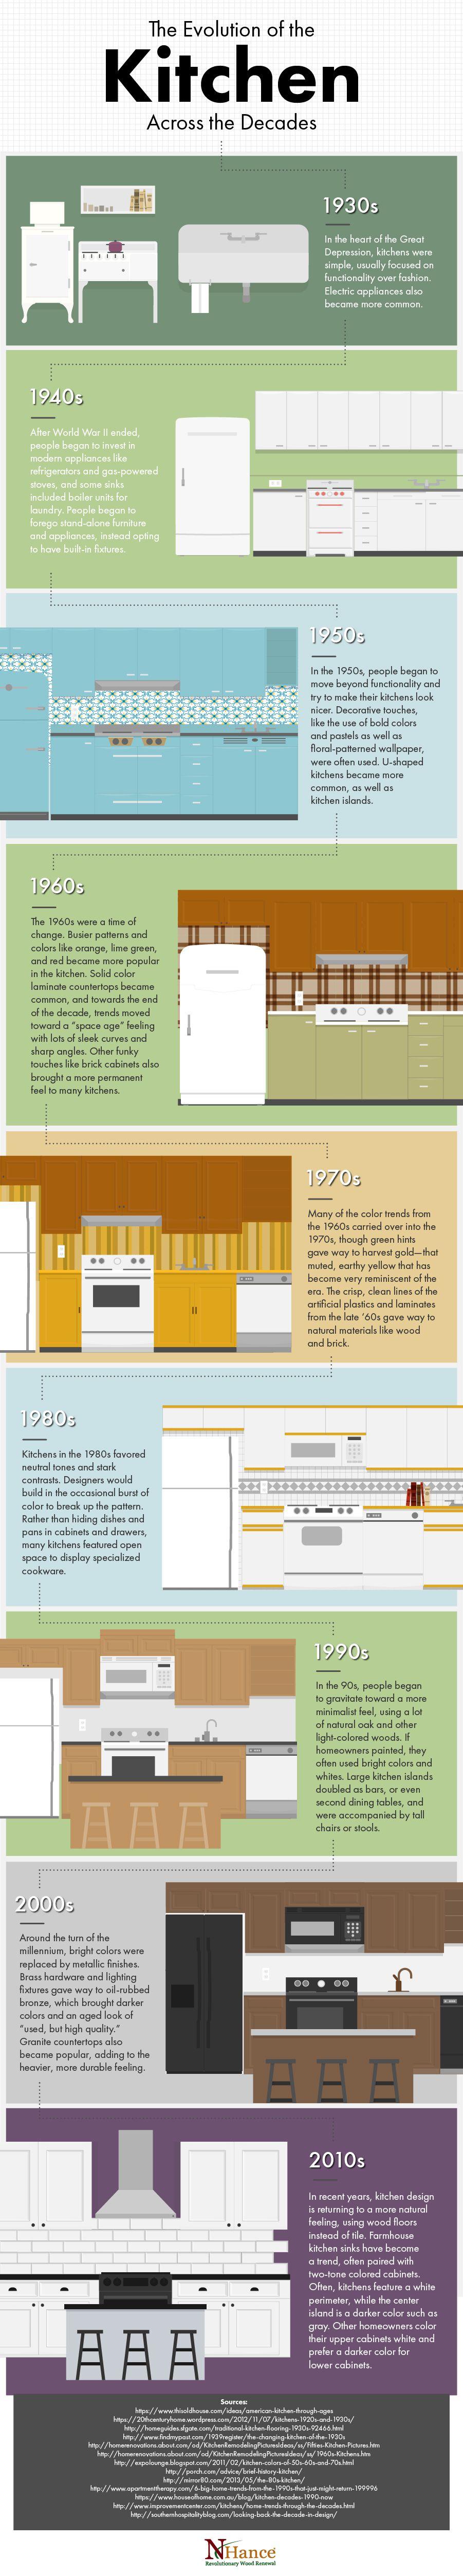 evolution of kitchen trends